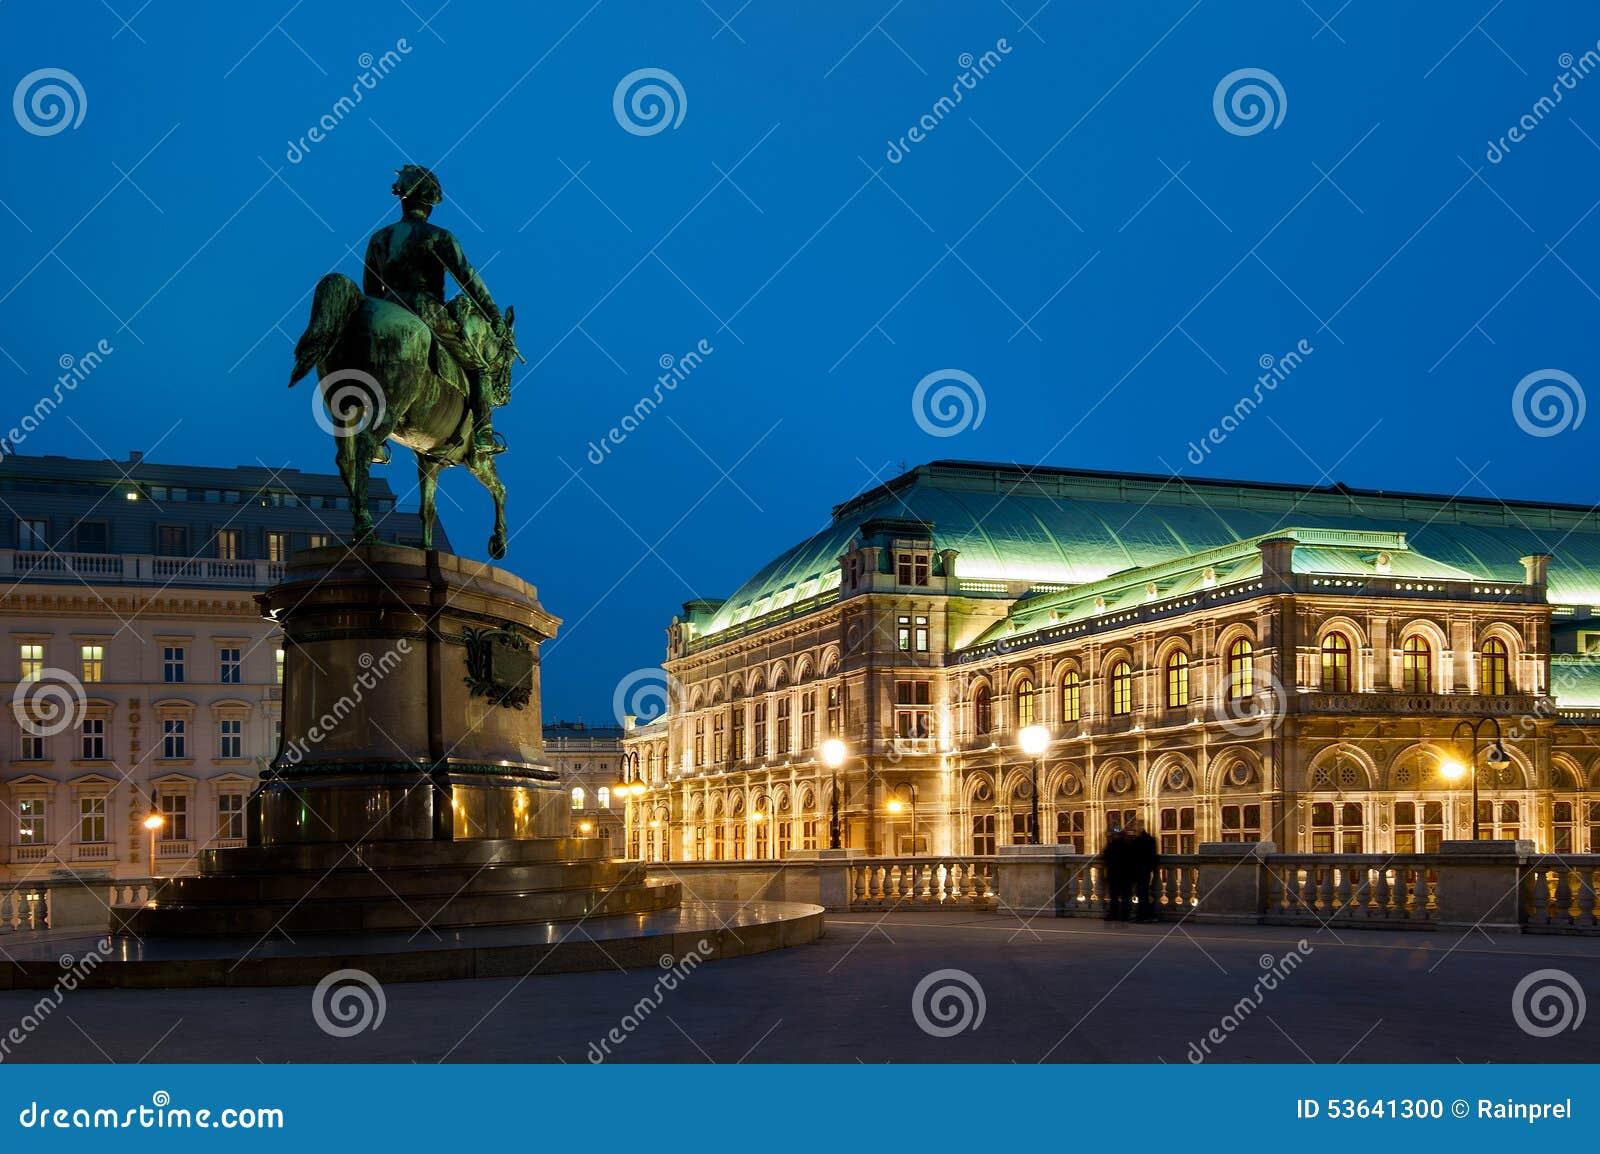 Dating Vienna Austria